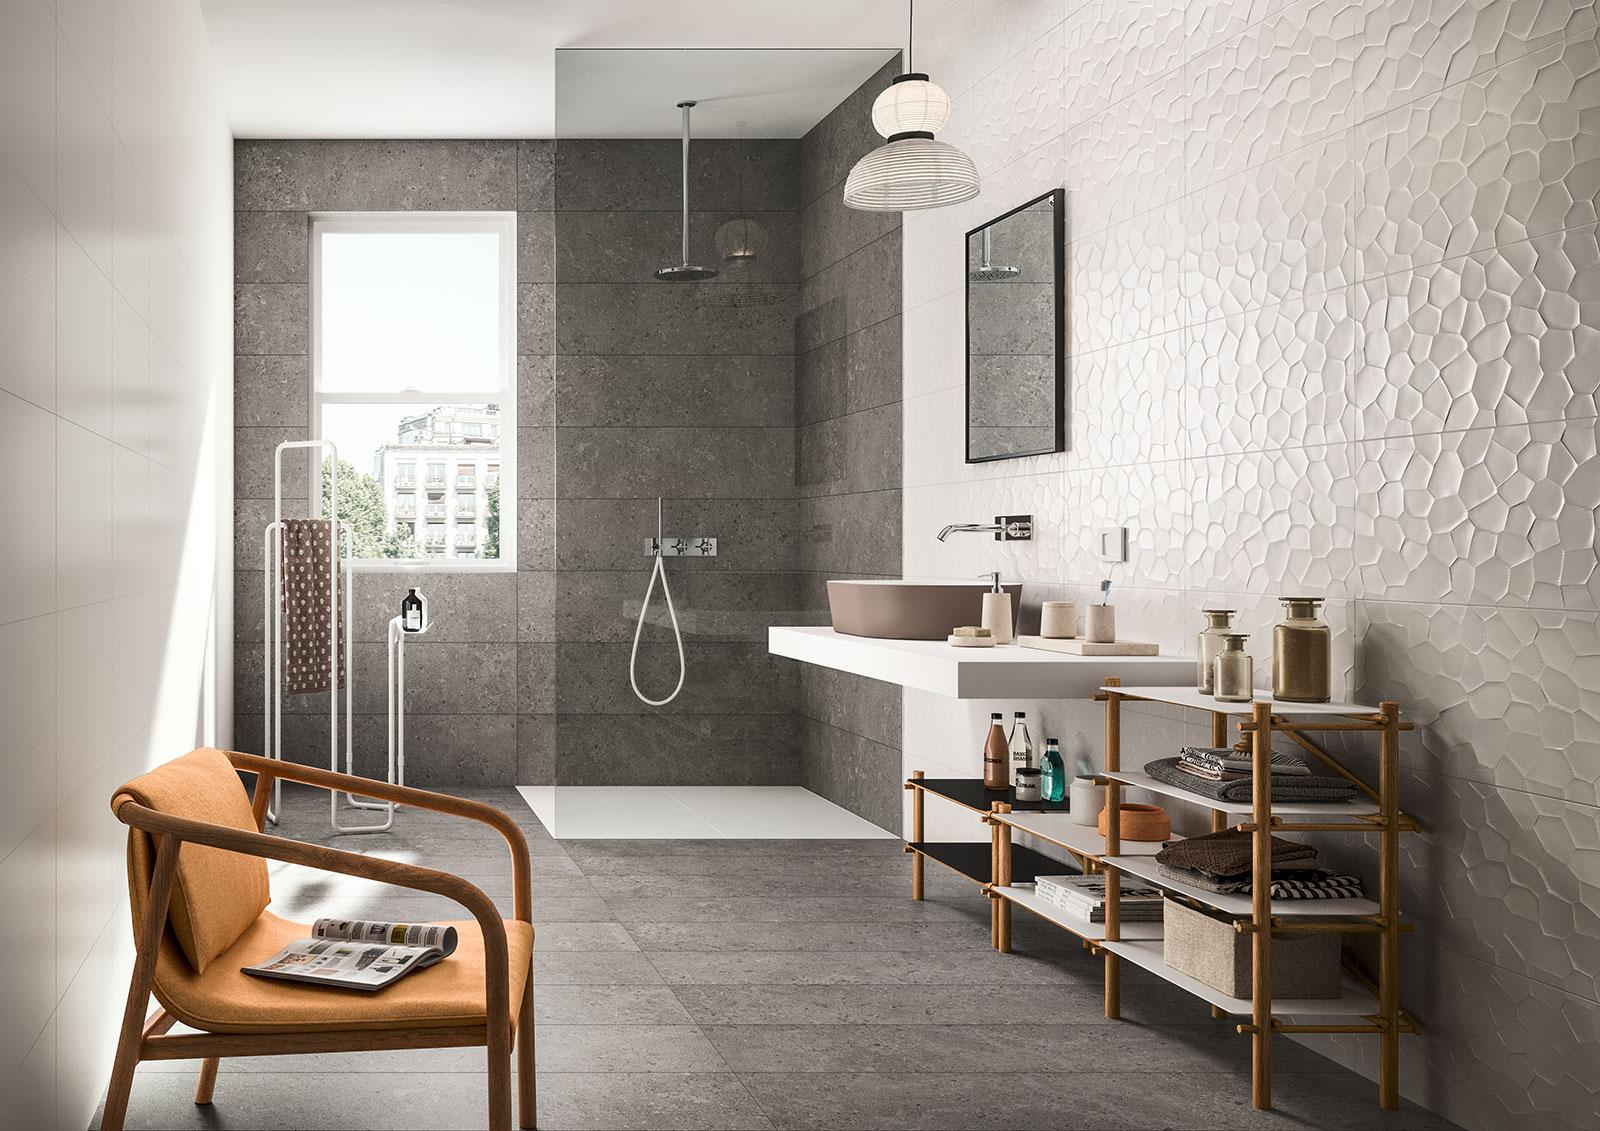 Piastrelle per rivestimenti cucina bagno doccia marazzi - Rivestimenti bagno marazzi ...